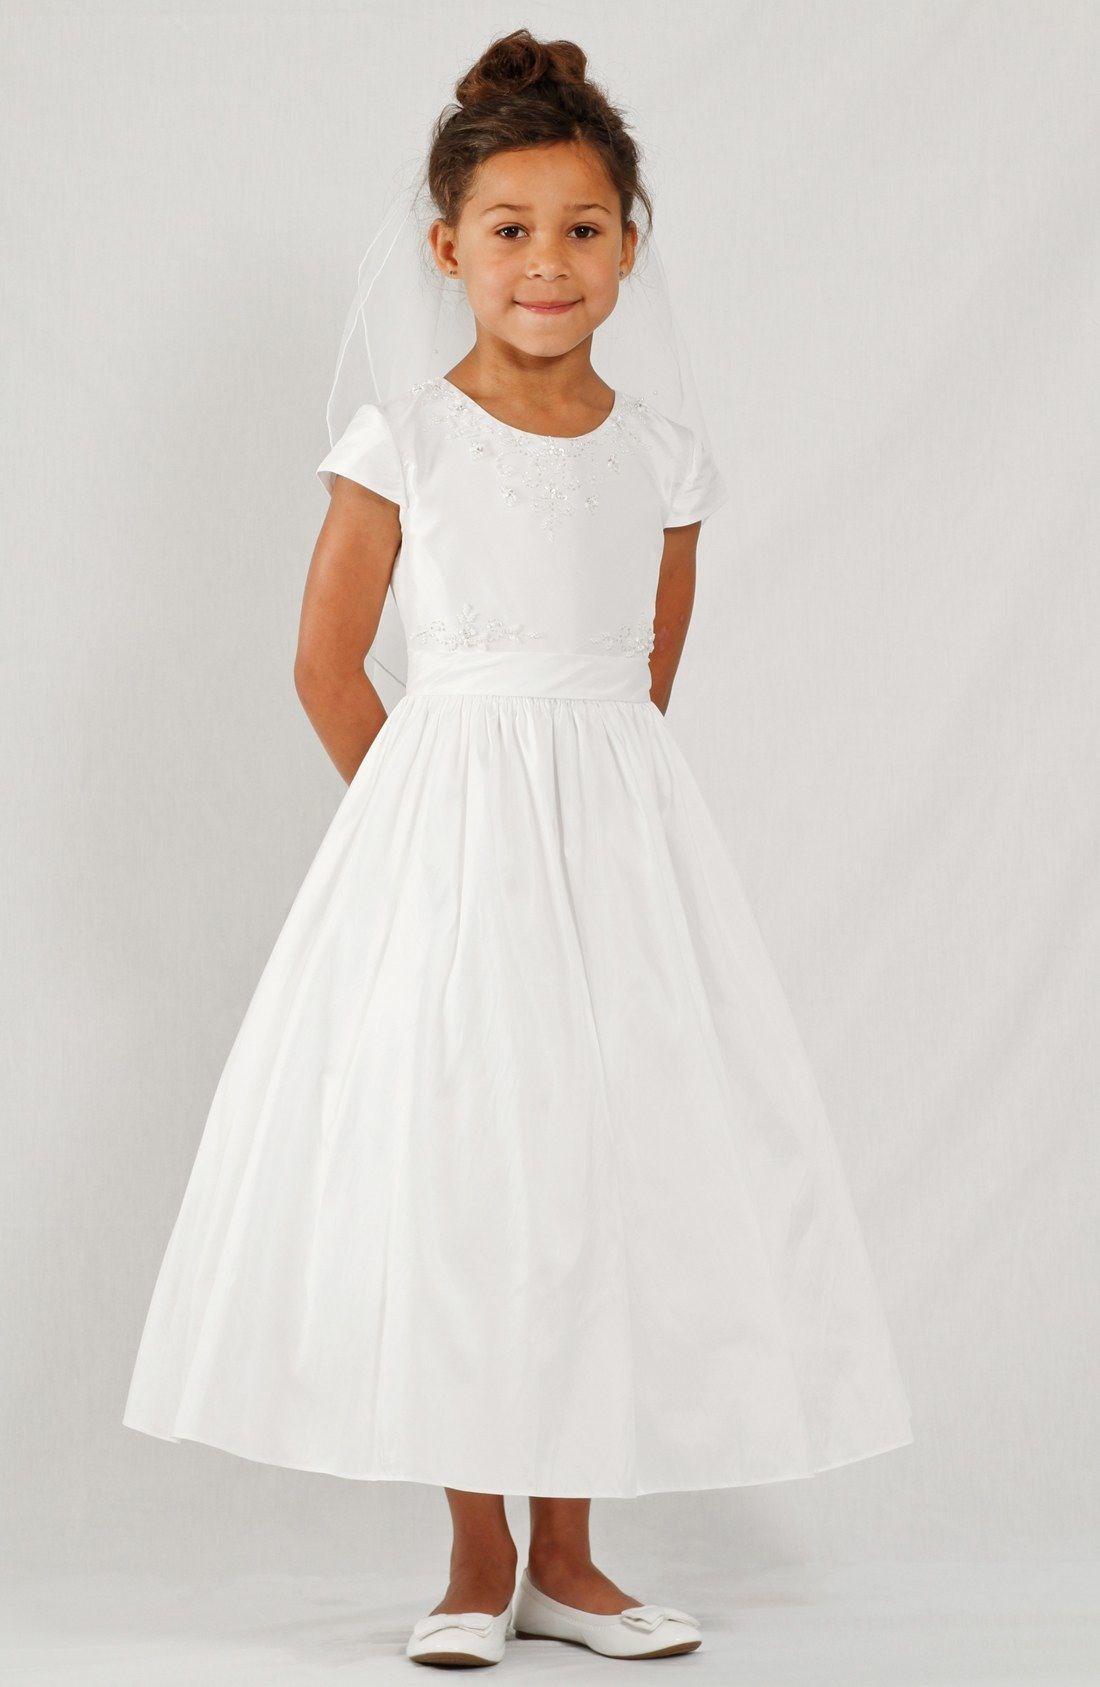 c502da79a Lauren Marie Beaded Cap Sleeve Dress (Little Girls